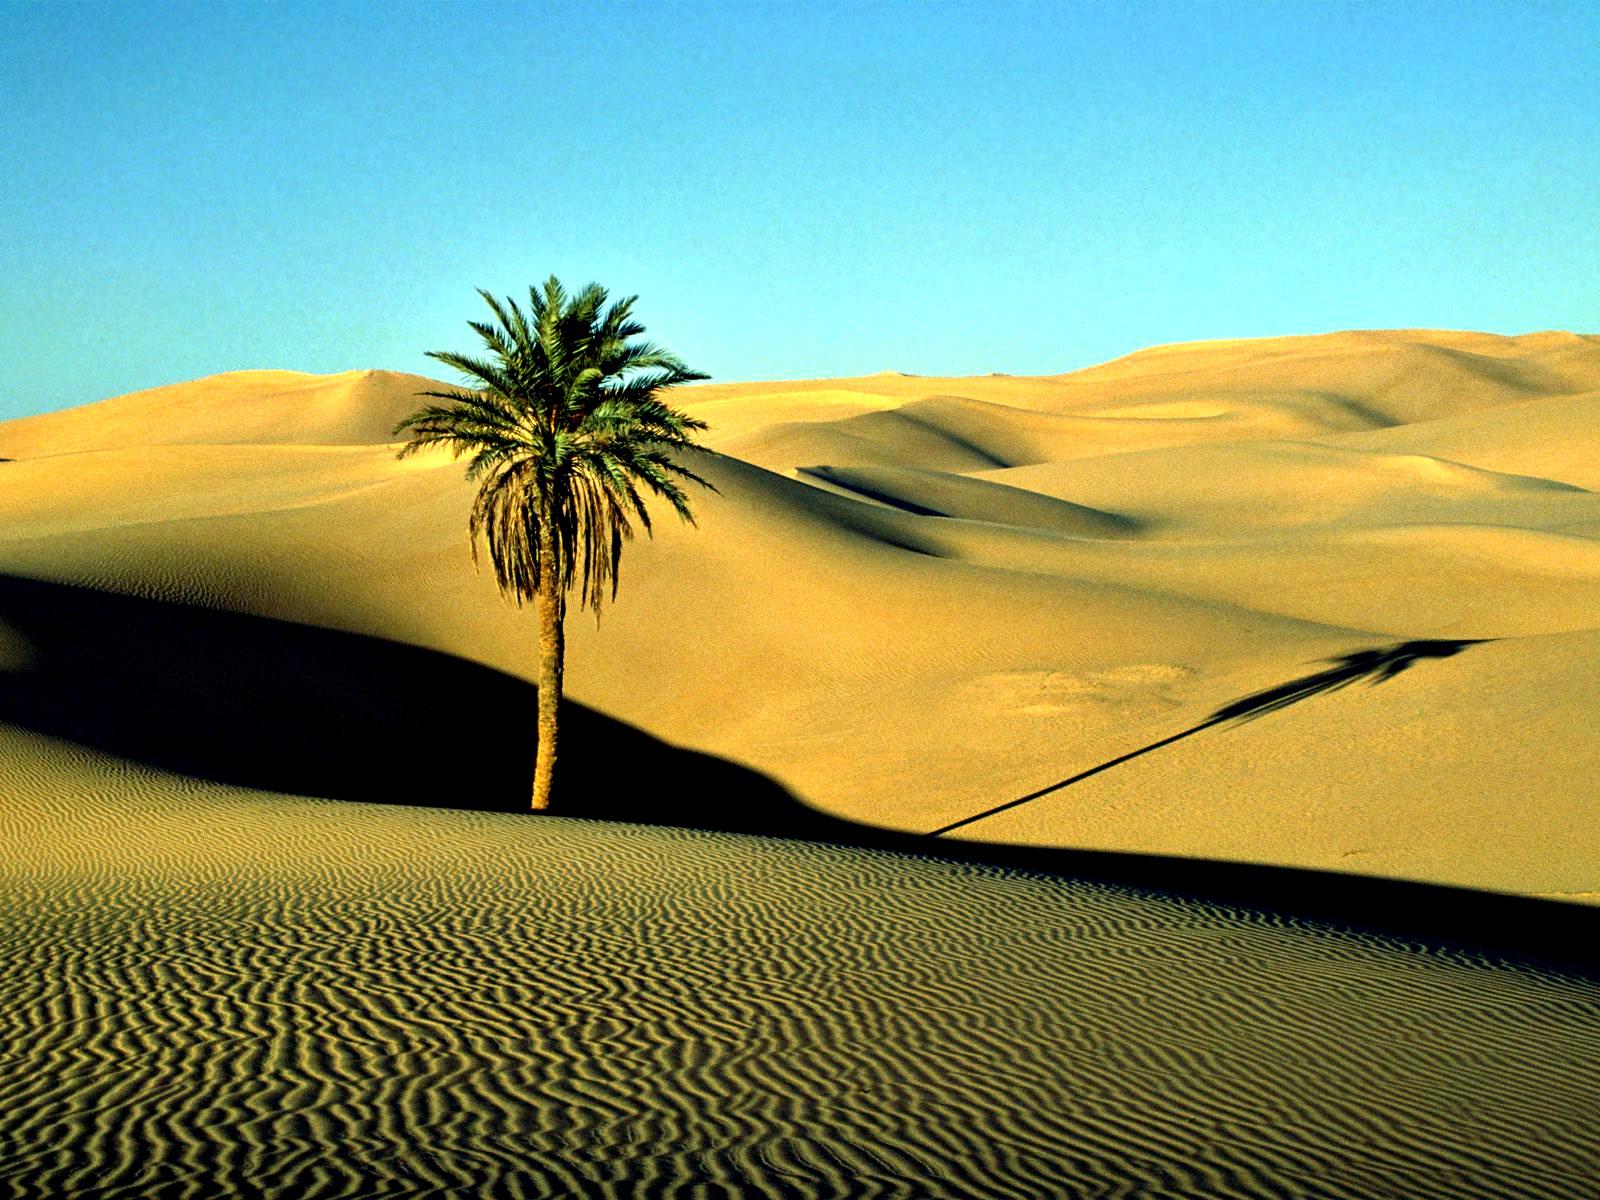 """Вышивка крестом.  Схема вышивки  """"Пустыня """".  Сейчас появилось множество ниток, например, нити с люрексом..."""